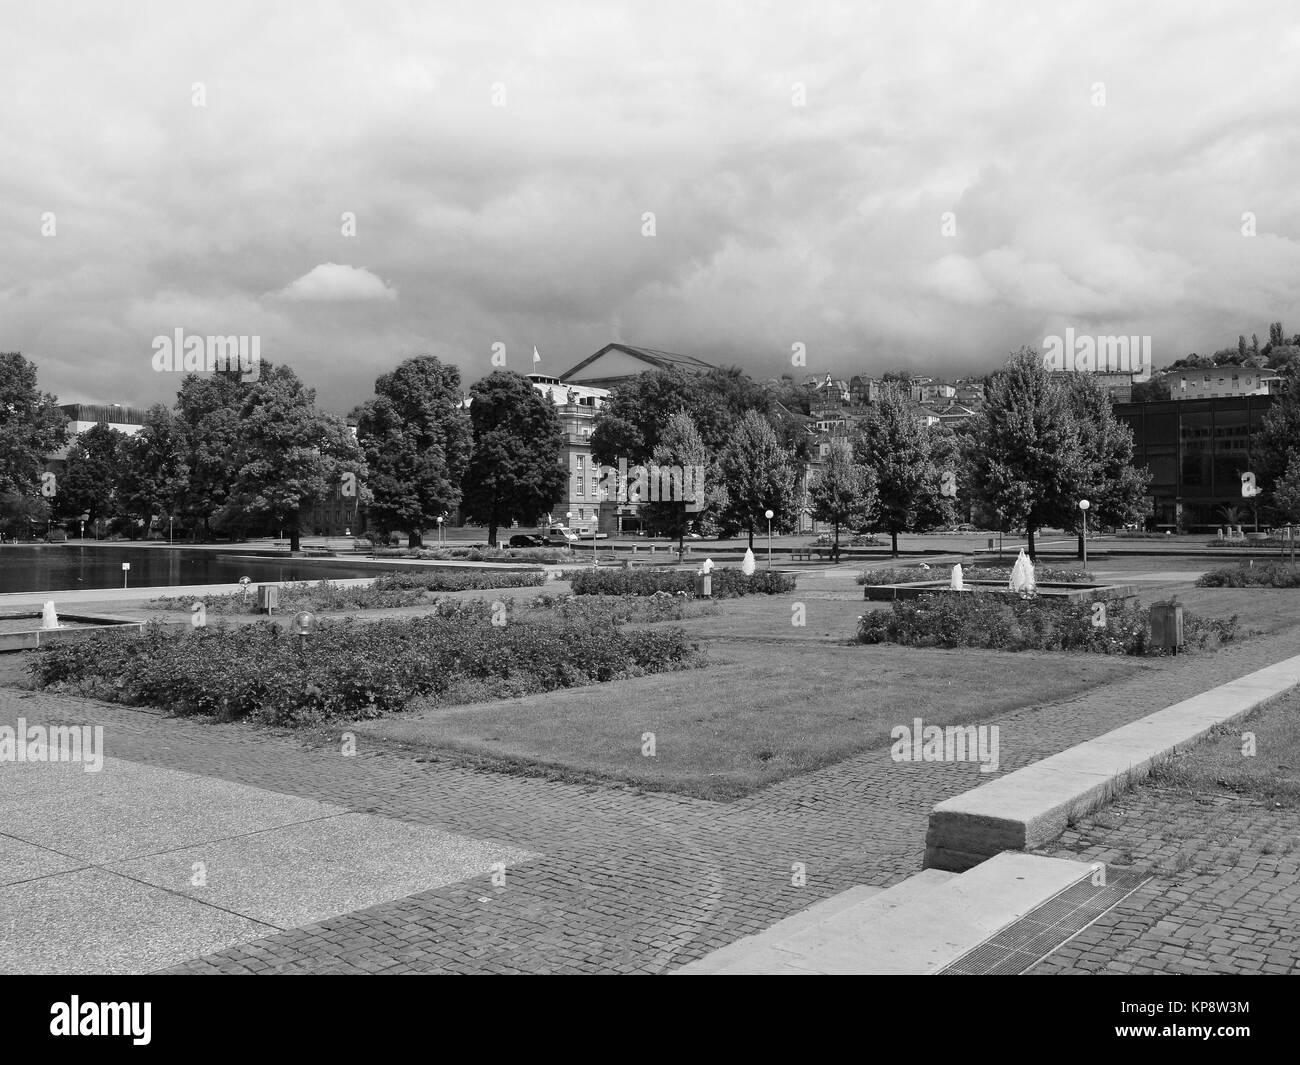 The Oberer Schlossgarten park in Stuttgart, Germany - Stock Image